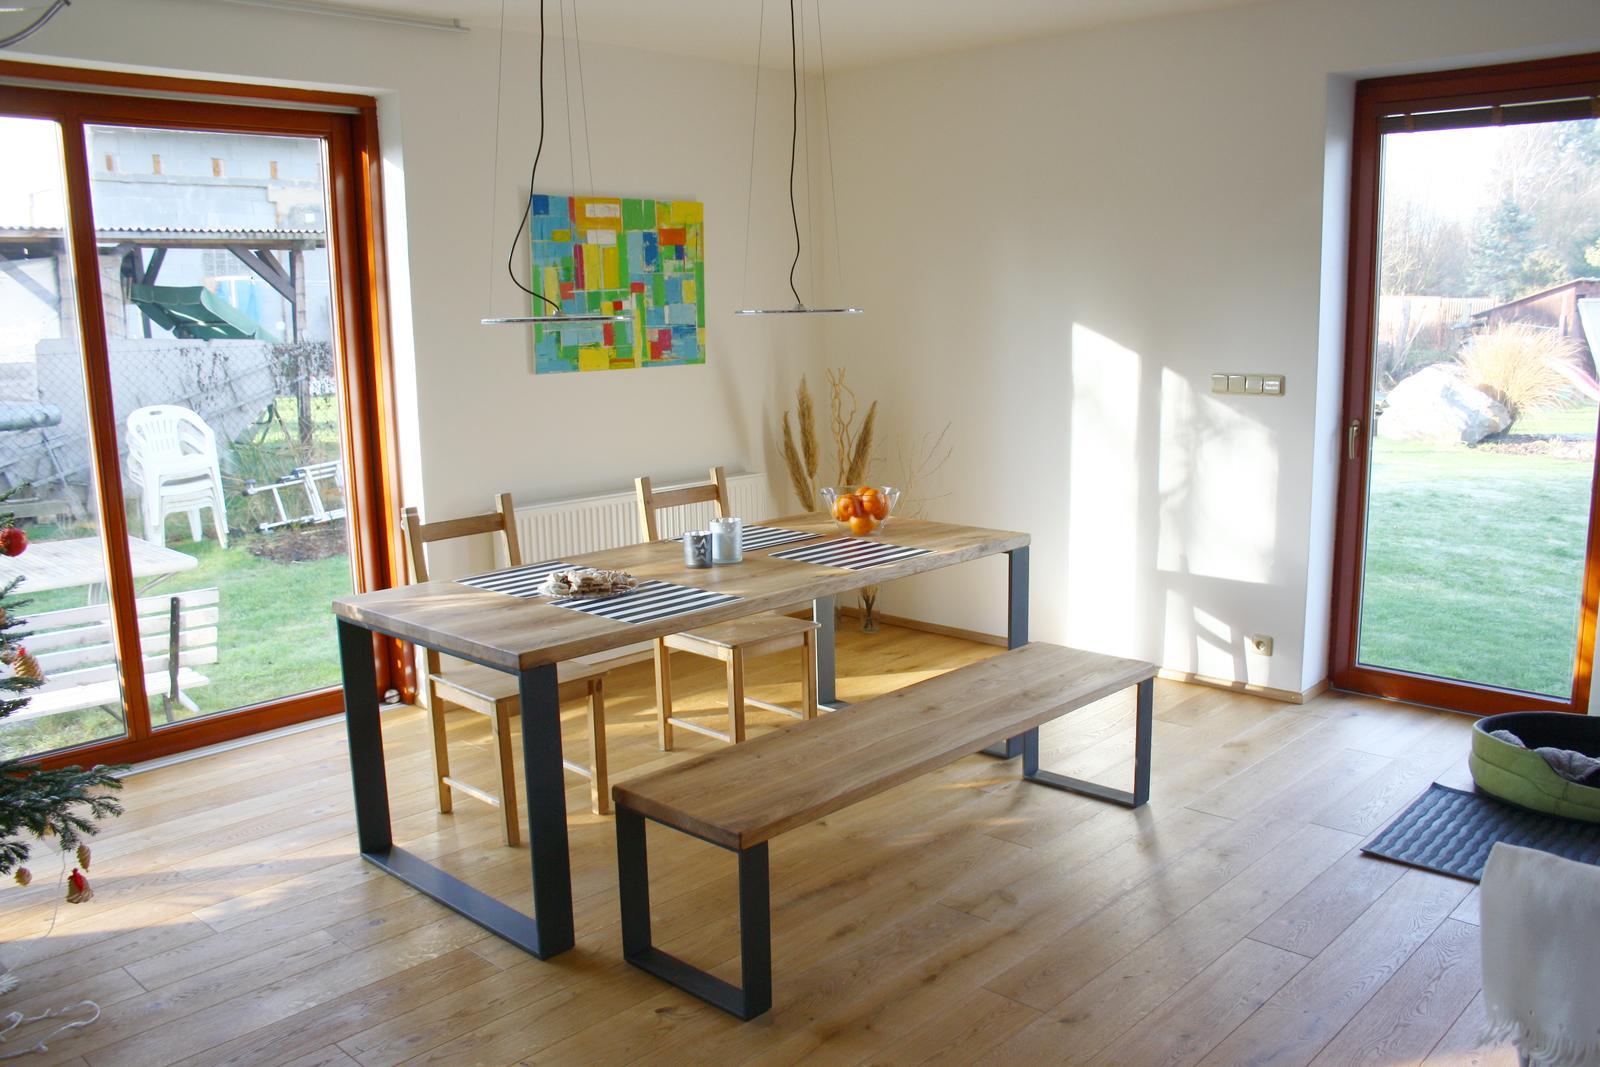 (Téměř) hotovo - Ježíšek přinesl nový stůl a lavici...........dělal pan truhlář Kulhánek http://www.kulhanek-nabytek.cz/ podnoží masivní ocel, desky 5 cm dubové fošny, olejováno, 90 x 200 cm